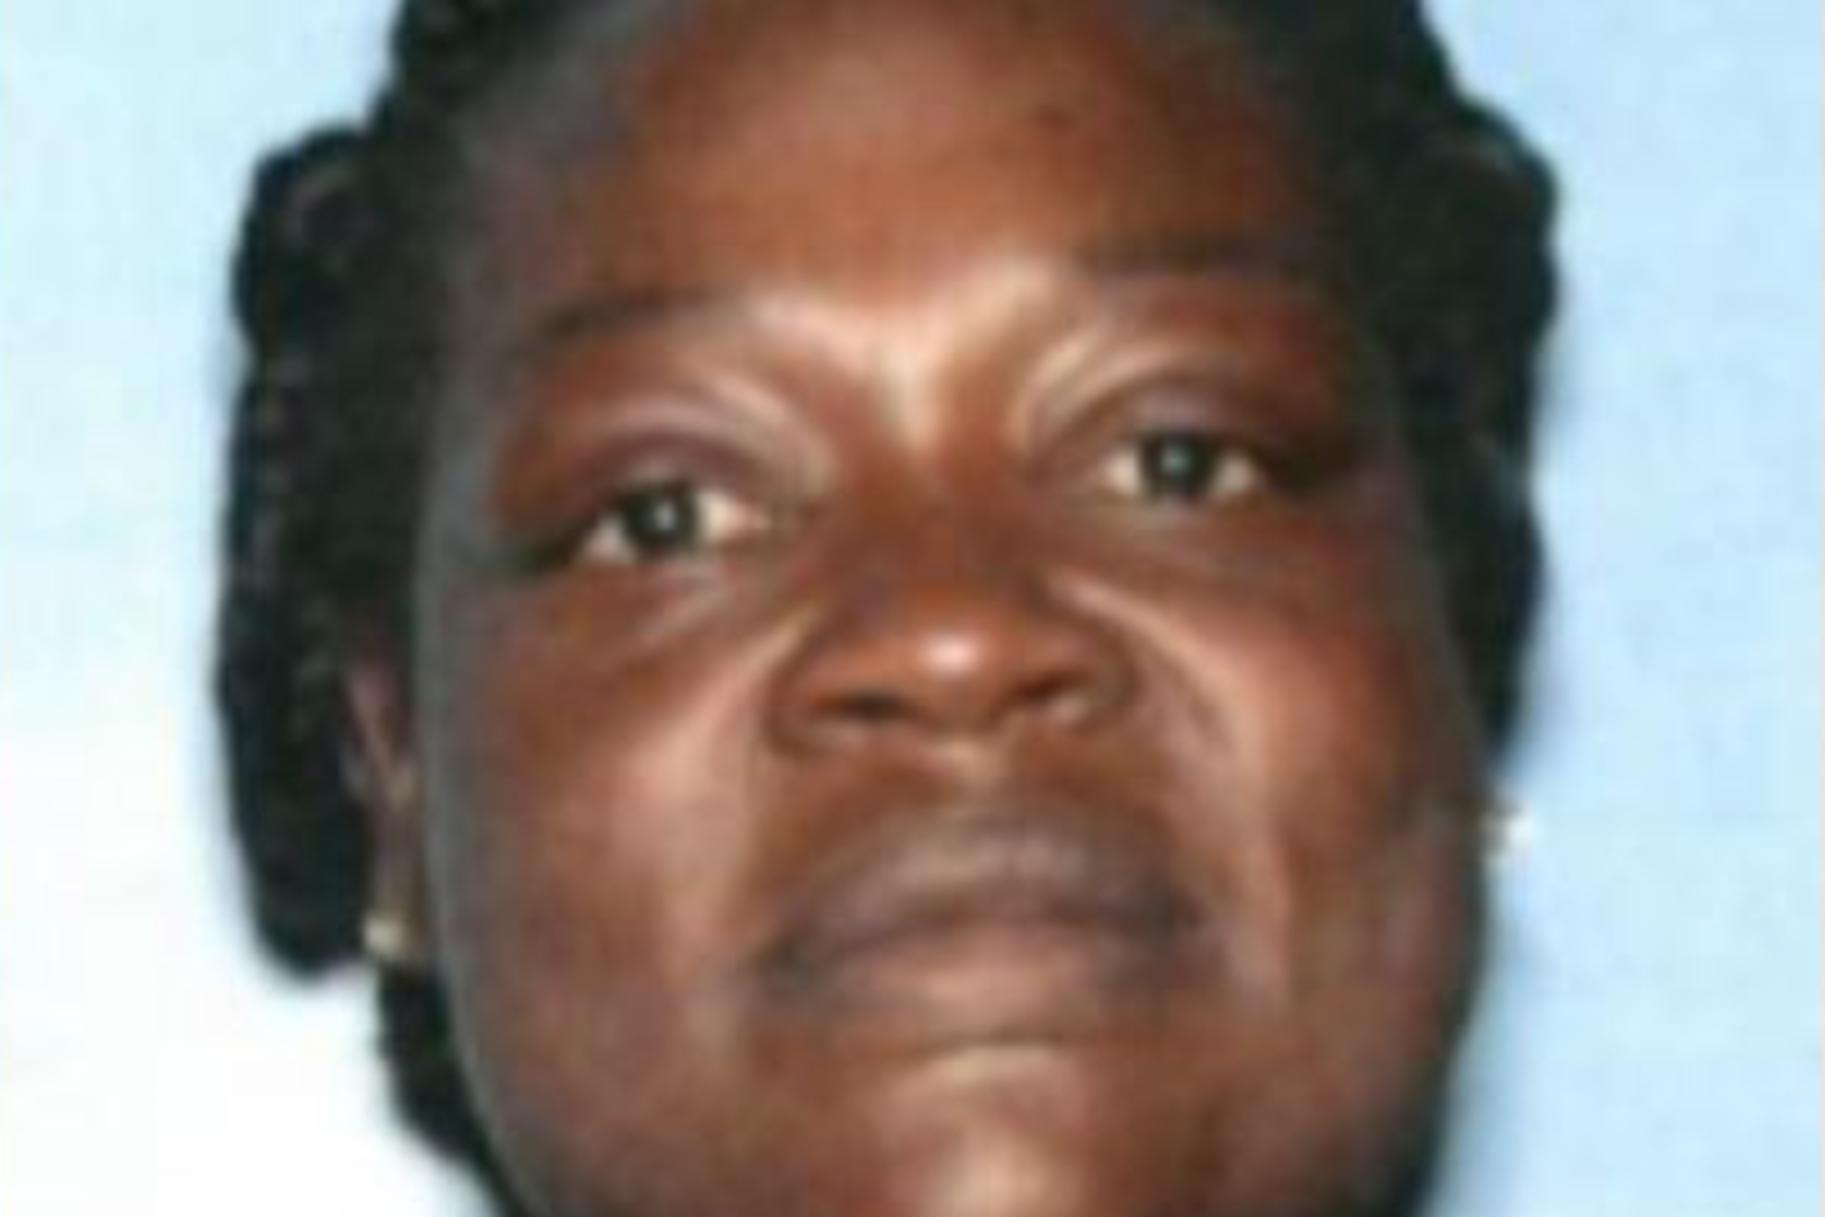 4 בני משפחה הותקפו לכאורה, דקרו את המלצרית של אפלבי שהברישה אחת מרגליהם